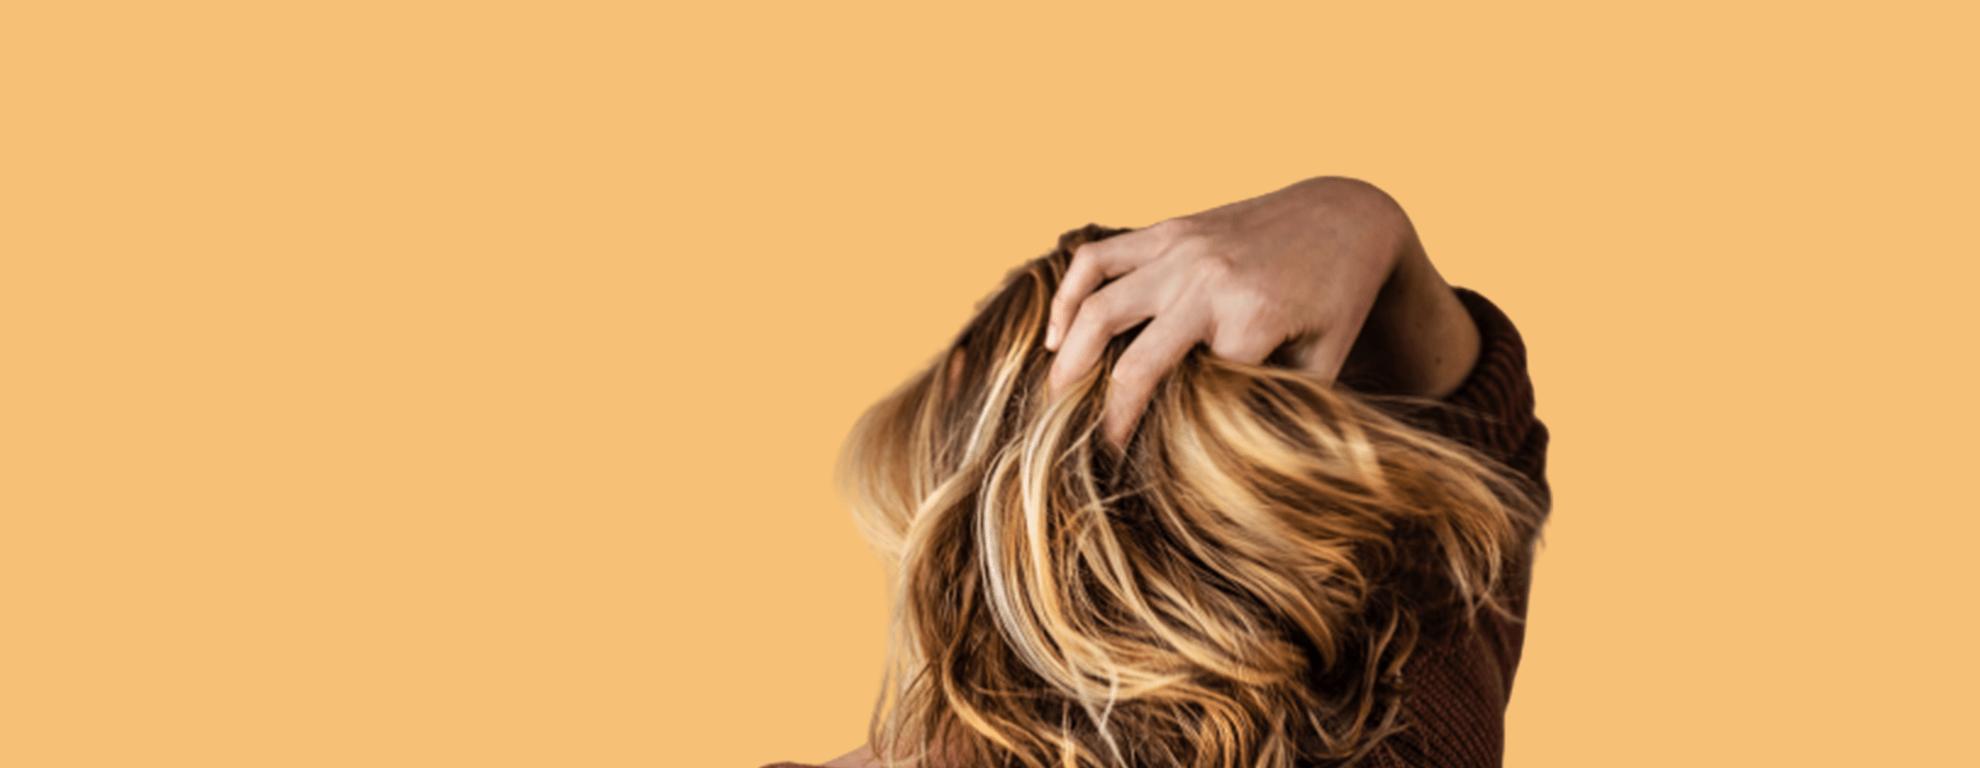 8 remedios caseros para el cabello maltratado en 2021 - Featured image